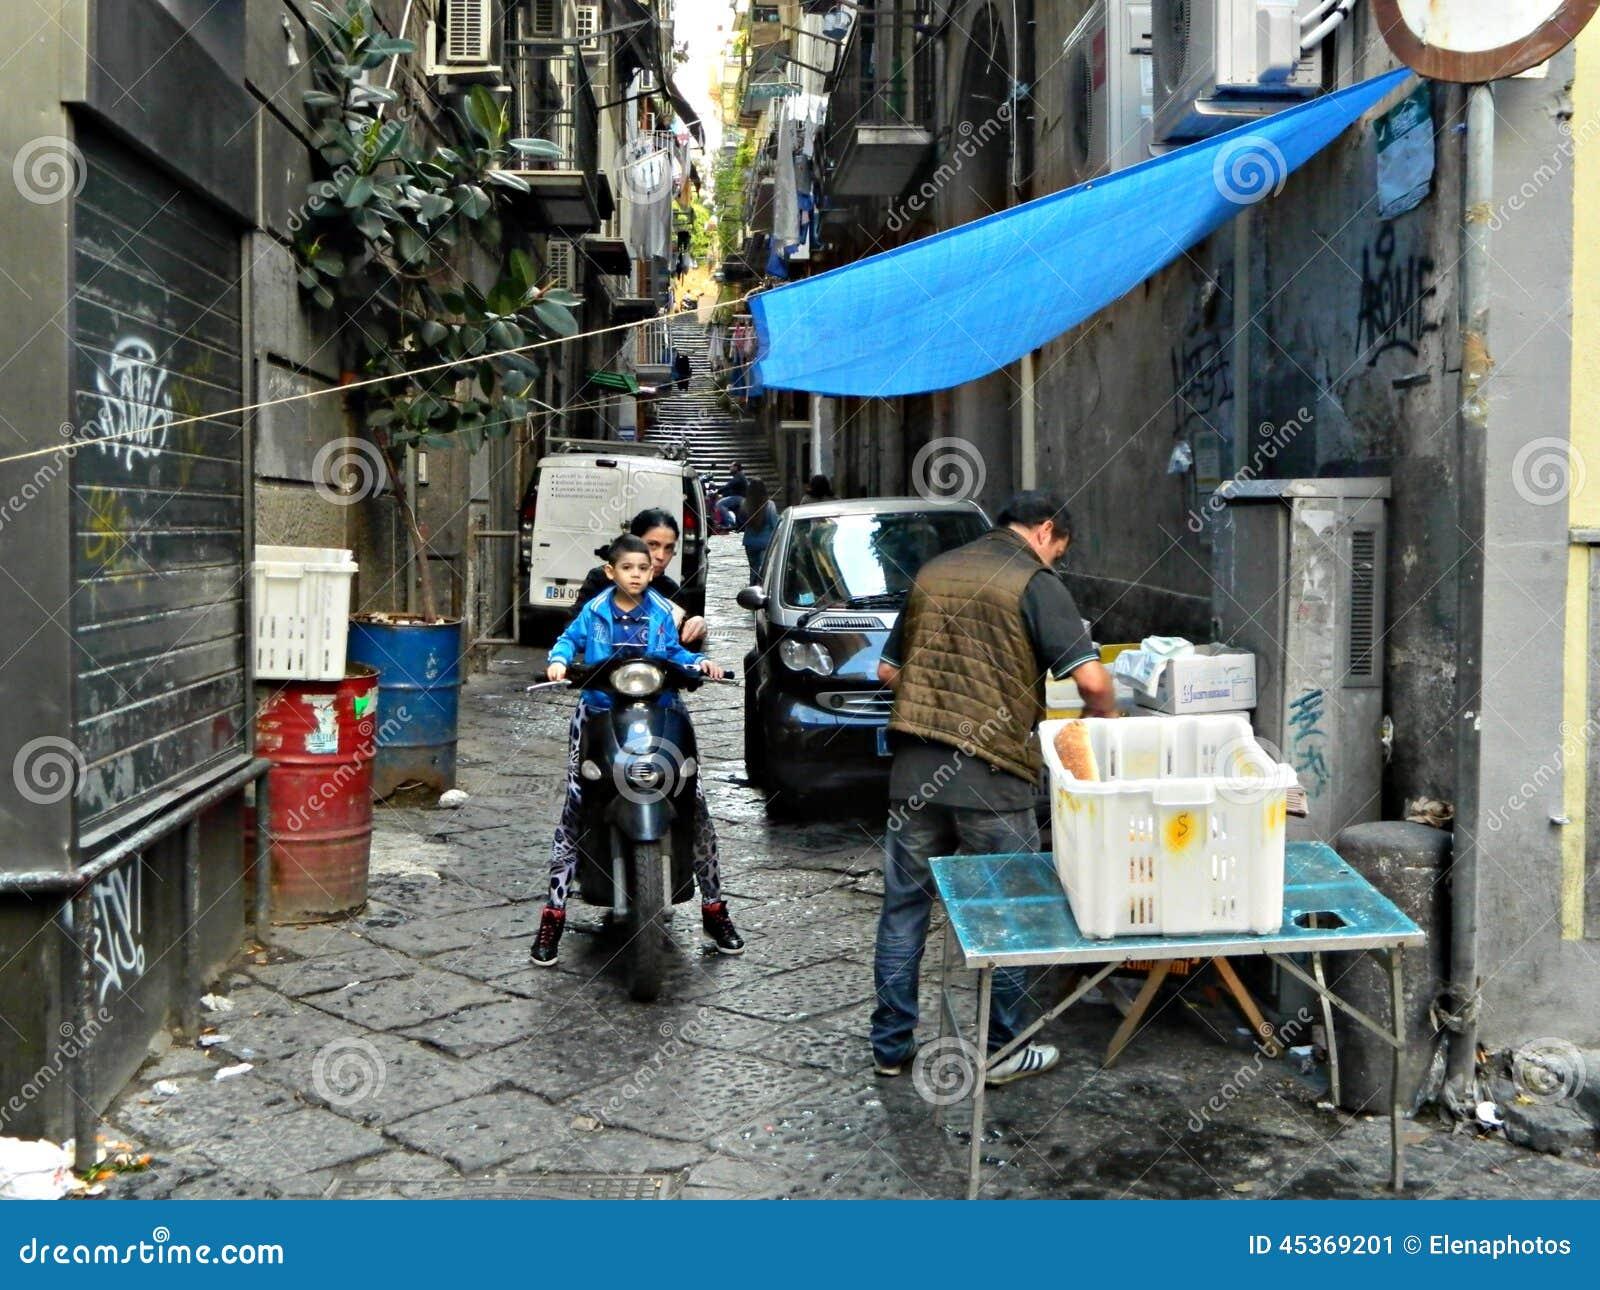 Photographie de rue dans la ville de Naples, tradition, culture